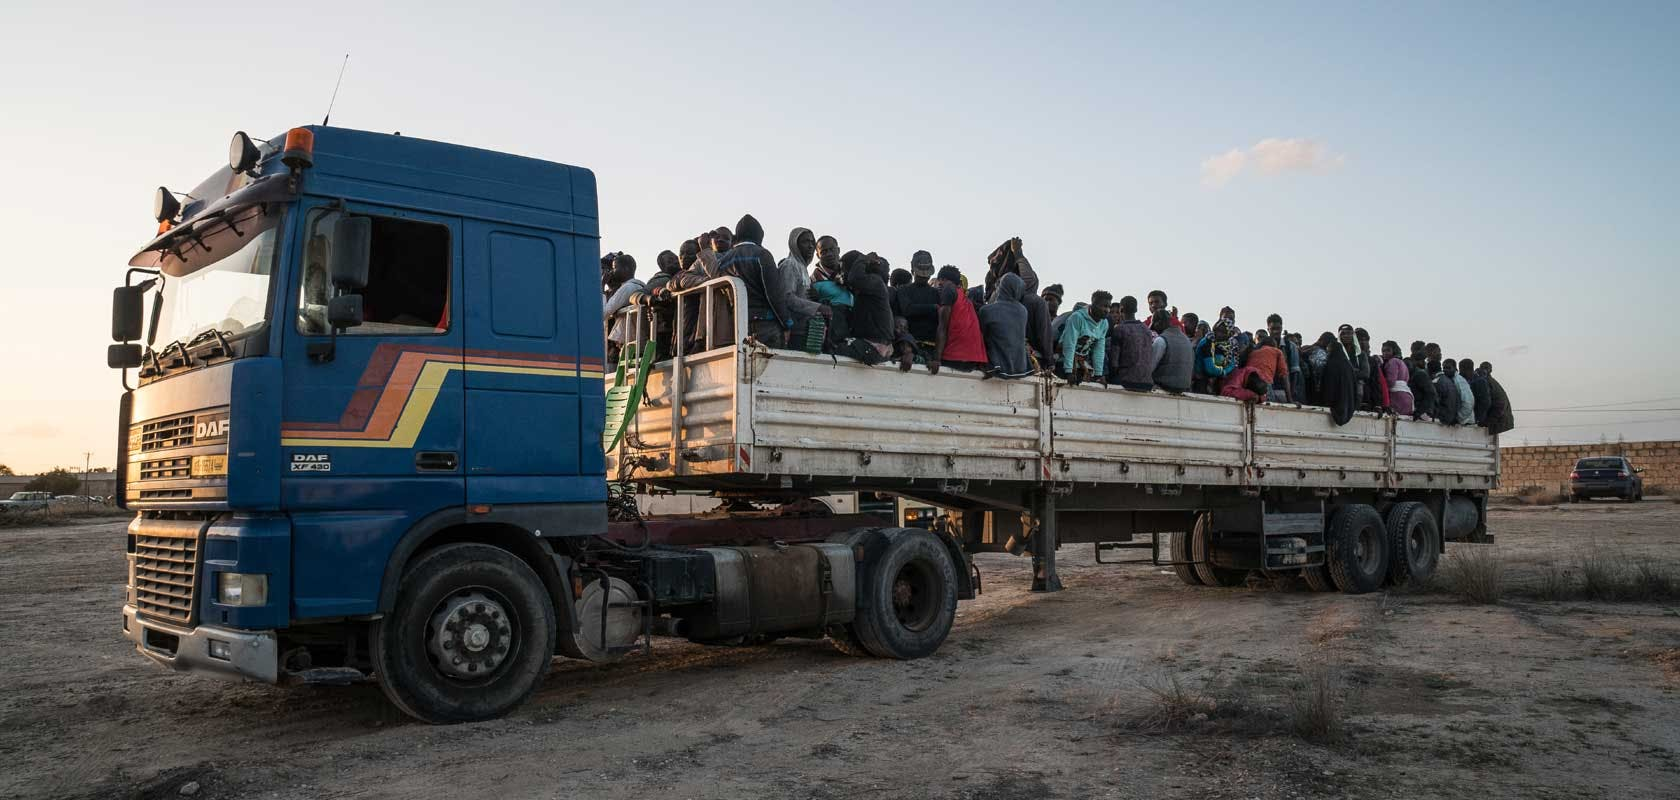 Réfugiés transportés vers un centre de détention en Libye